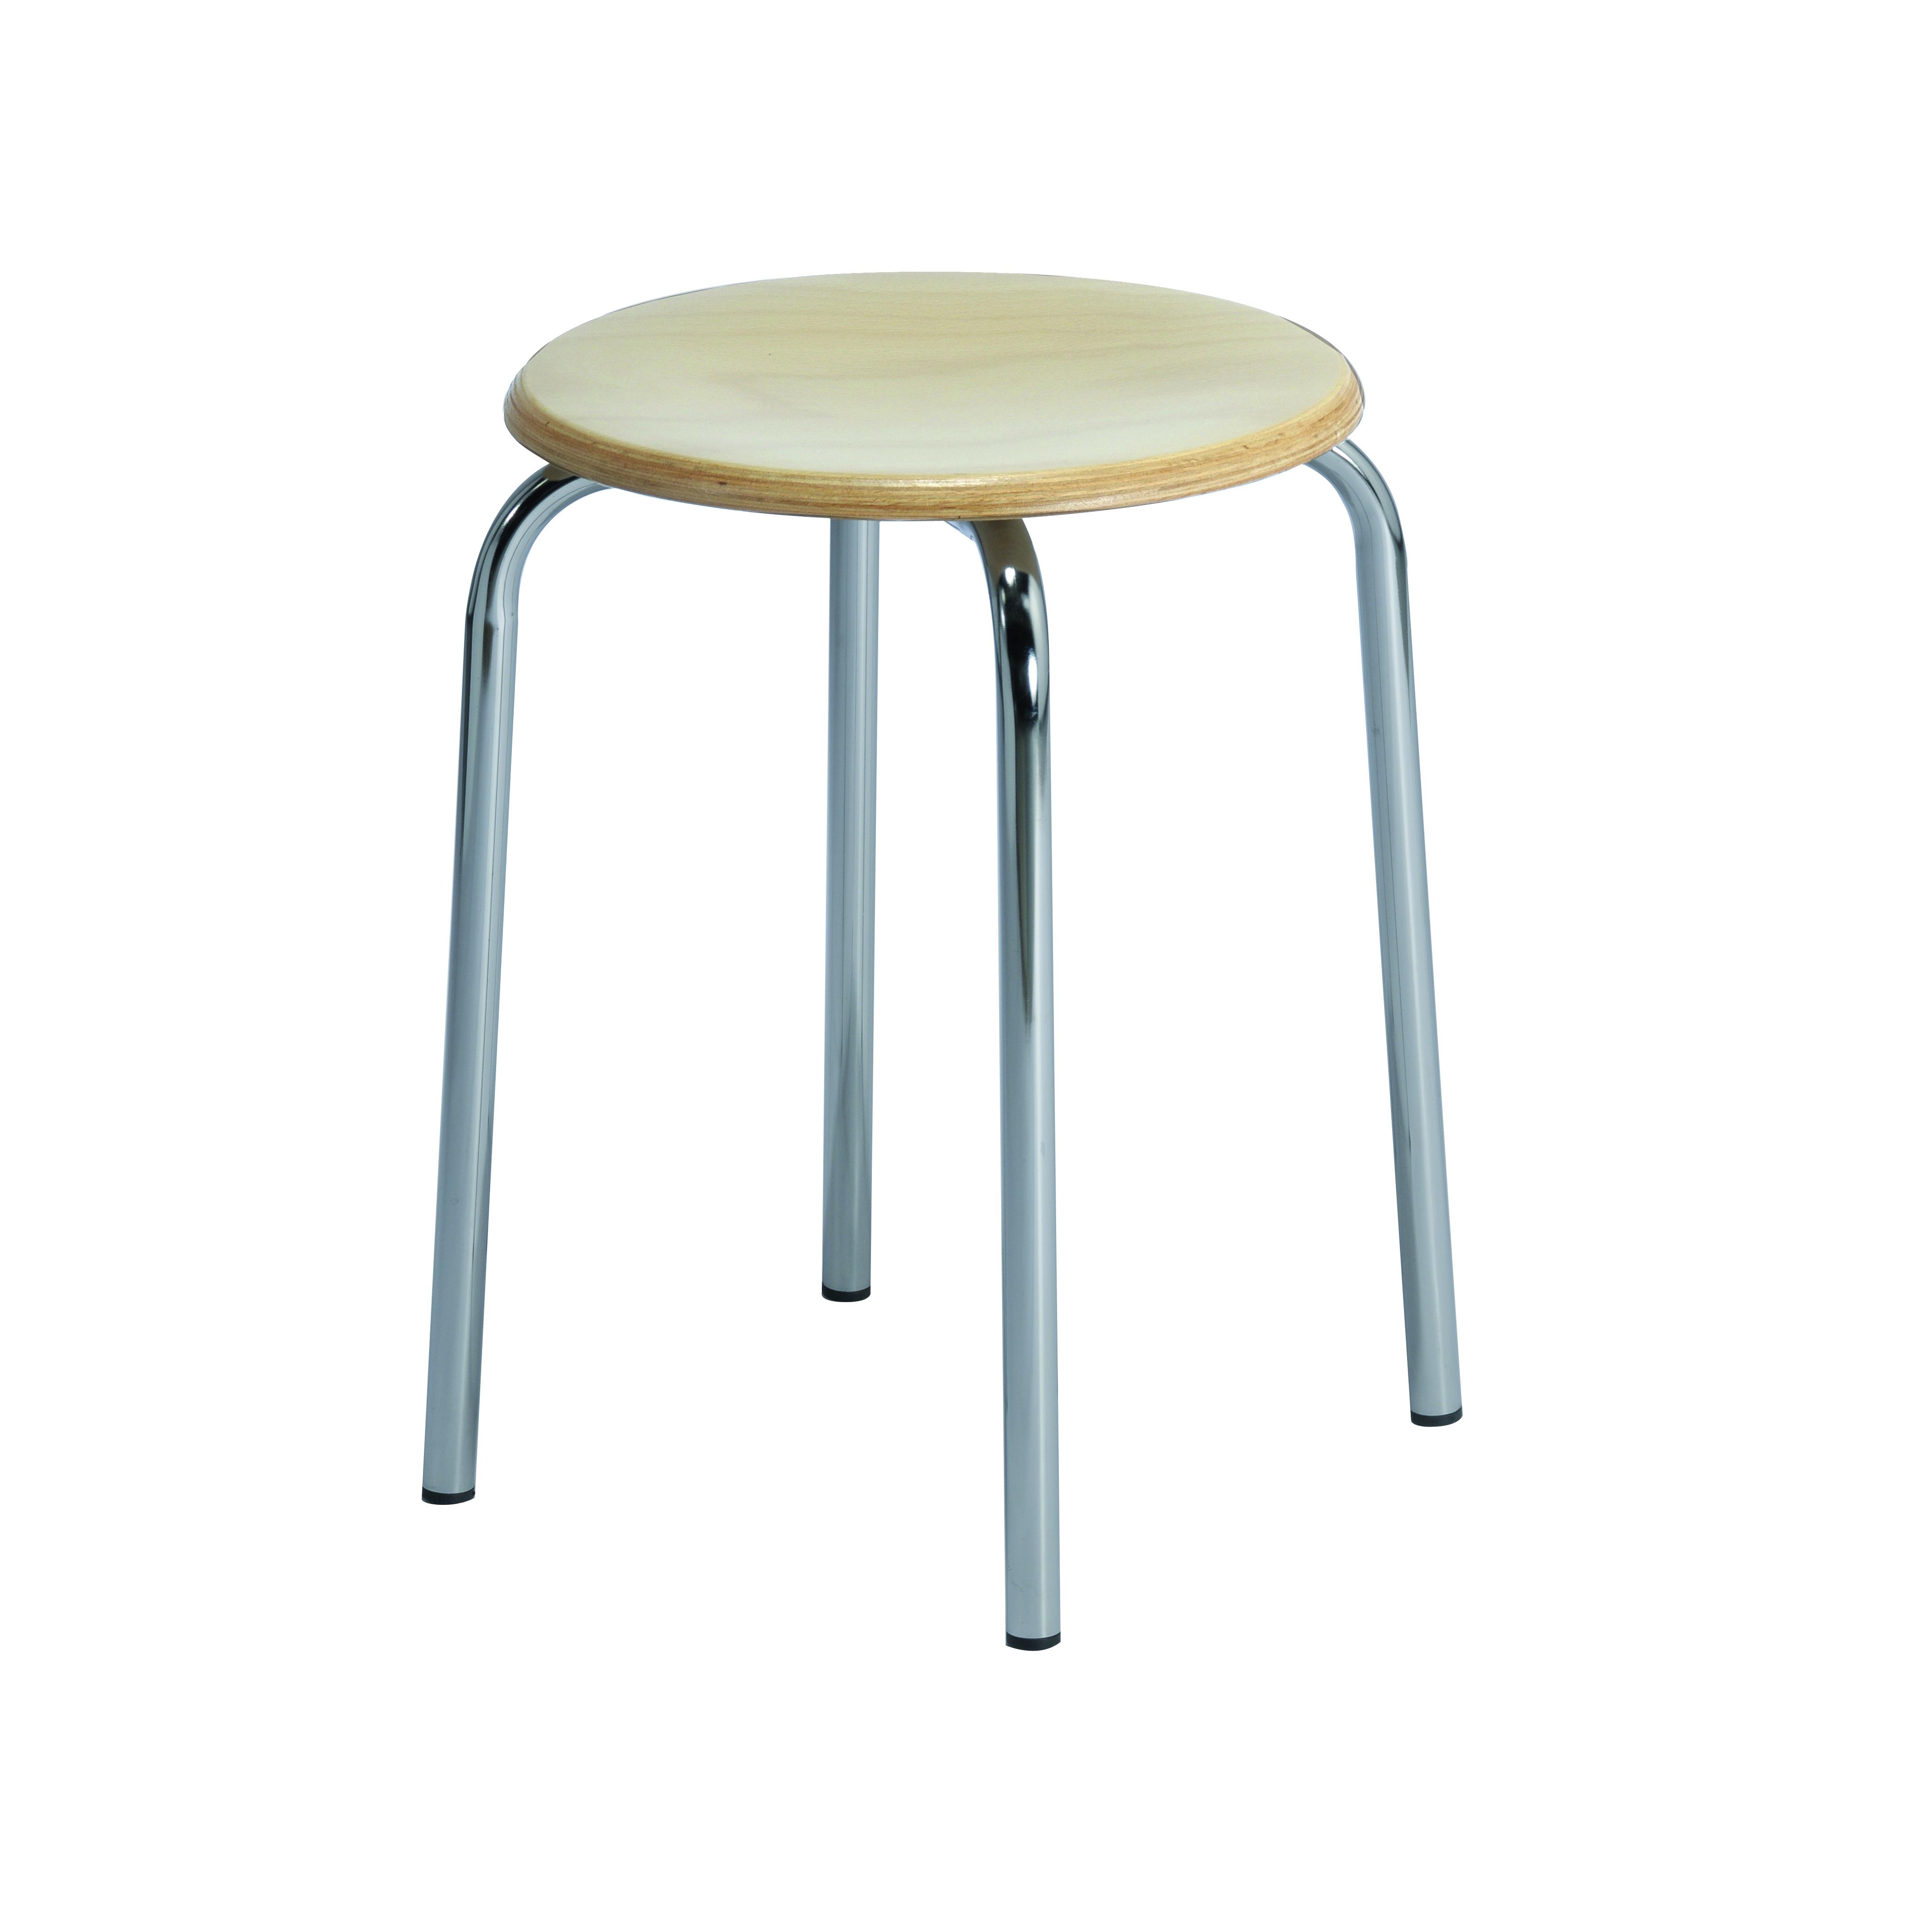 Tabouret 4 pieds assise bois AGEN de siegepro.com